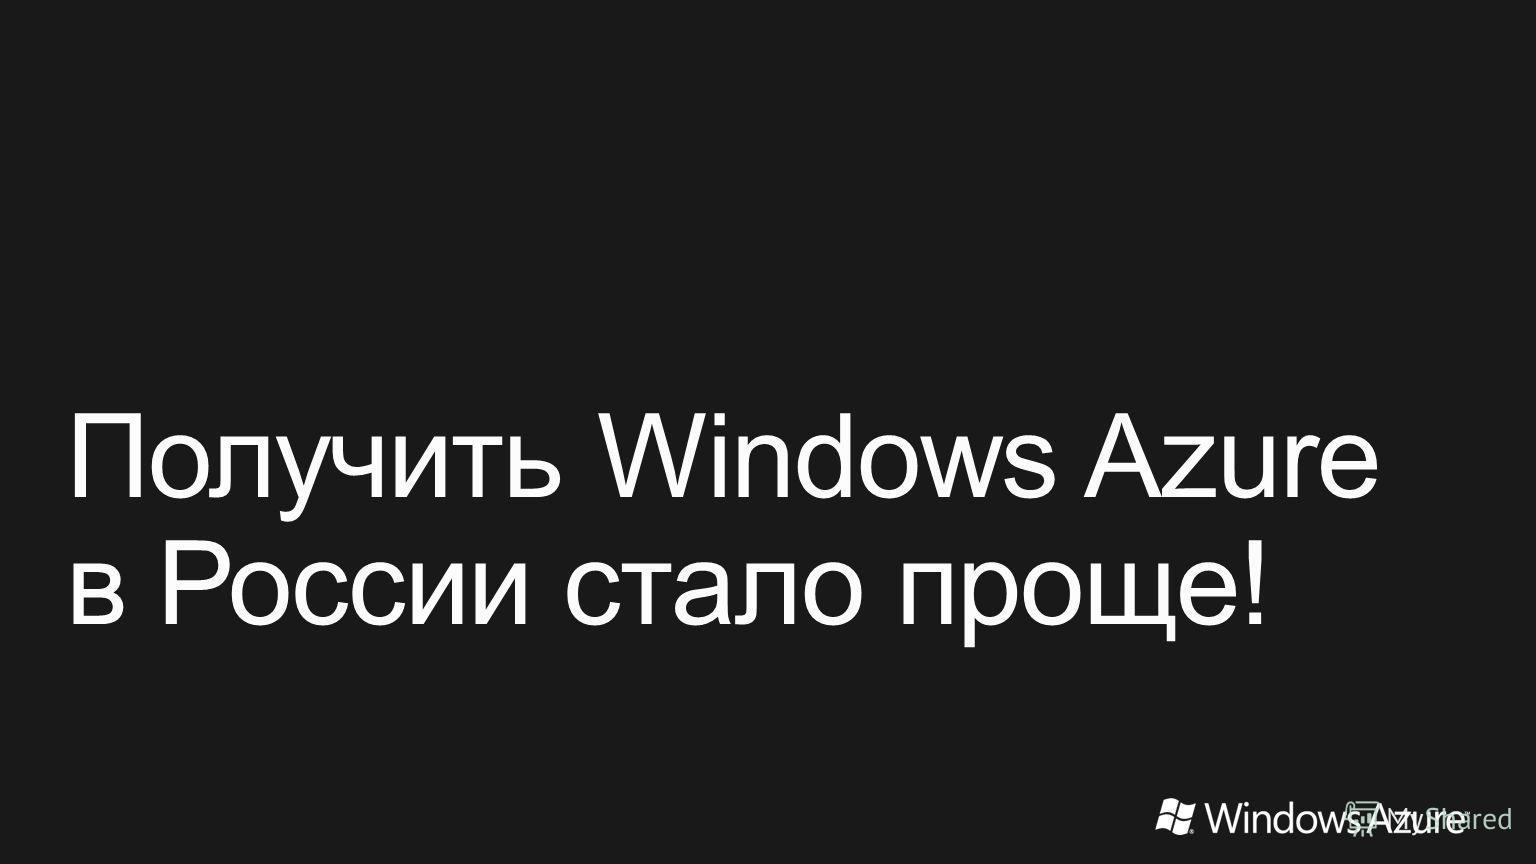 Получить Windows Azure в России стало проще!